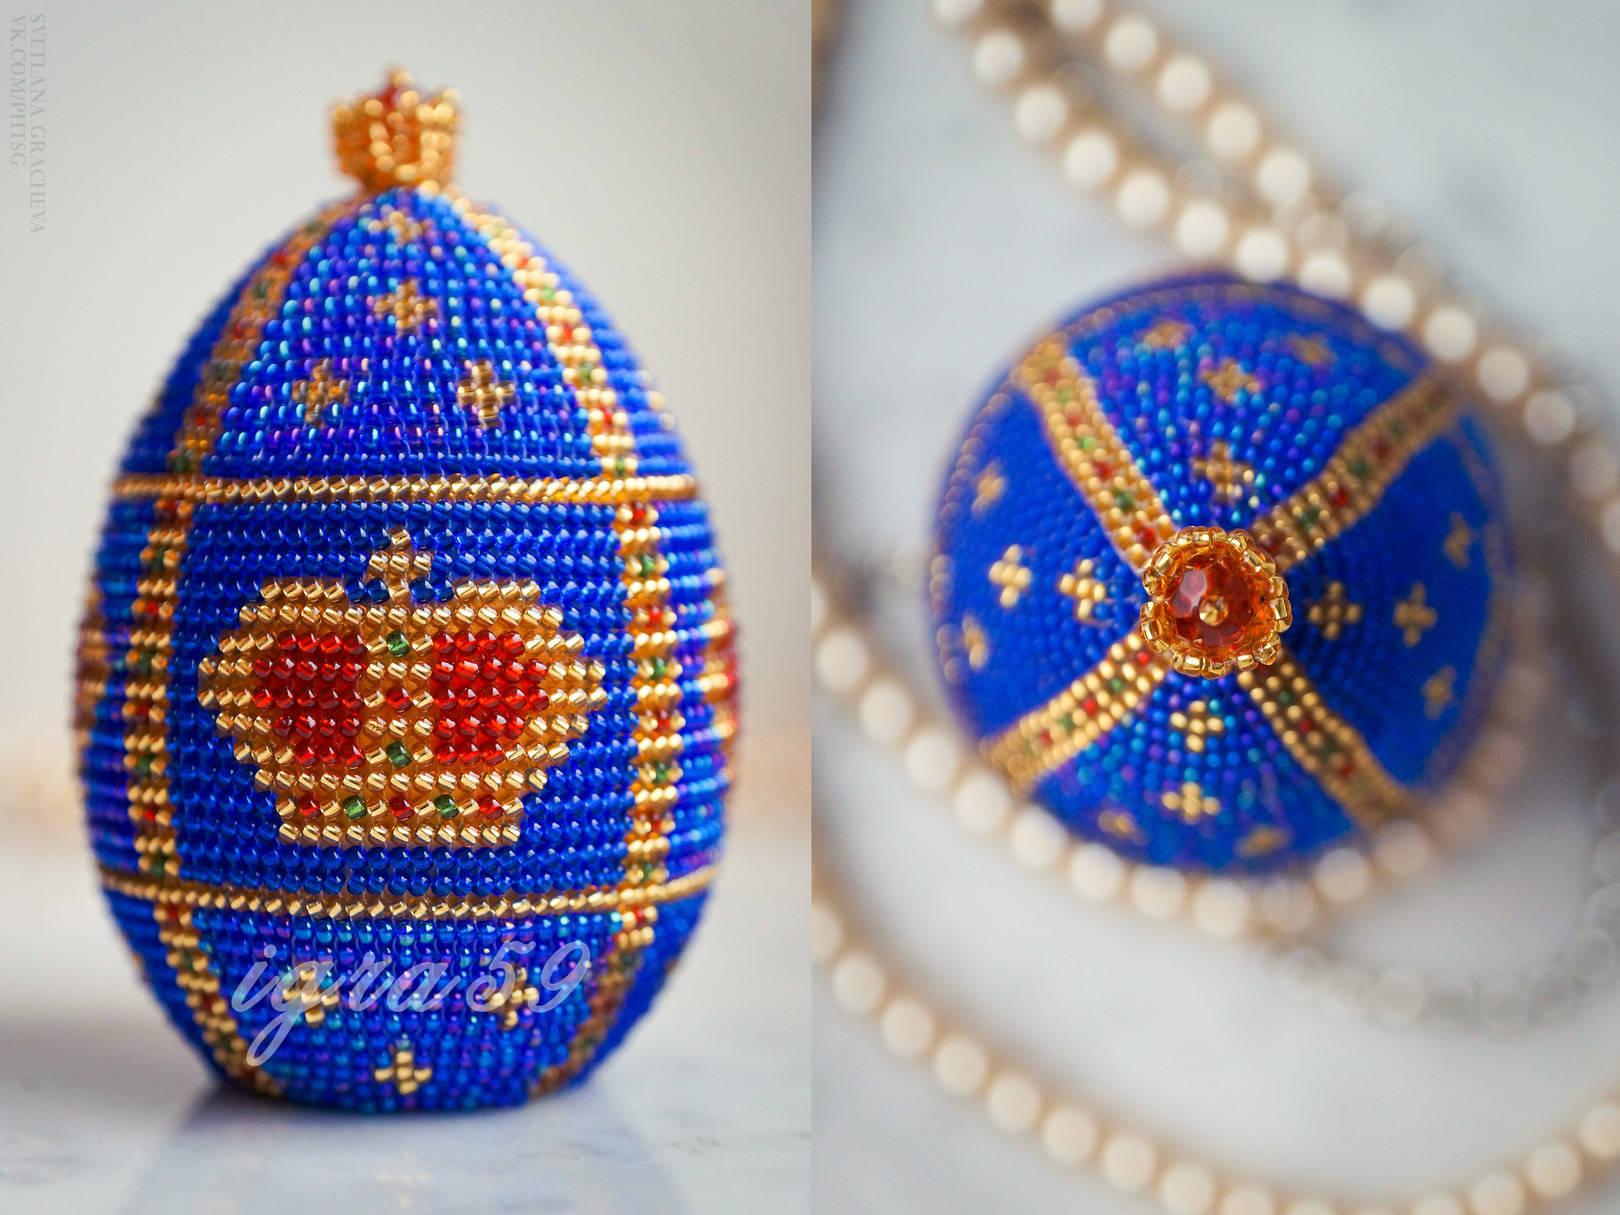 Фото яйца фаберже из бисера